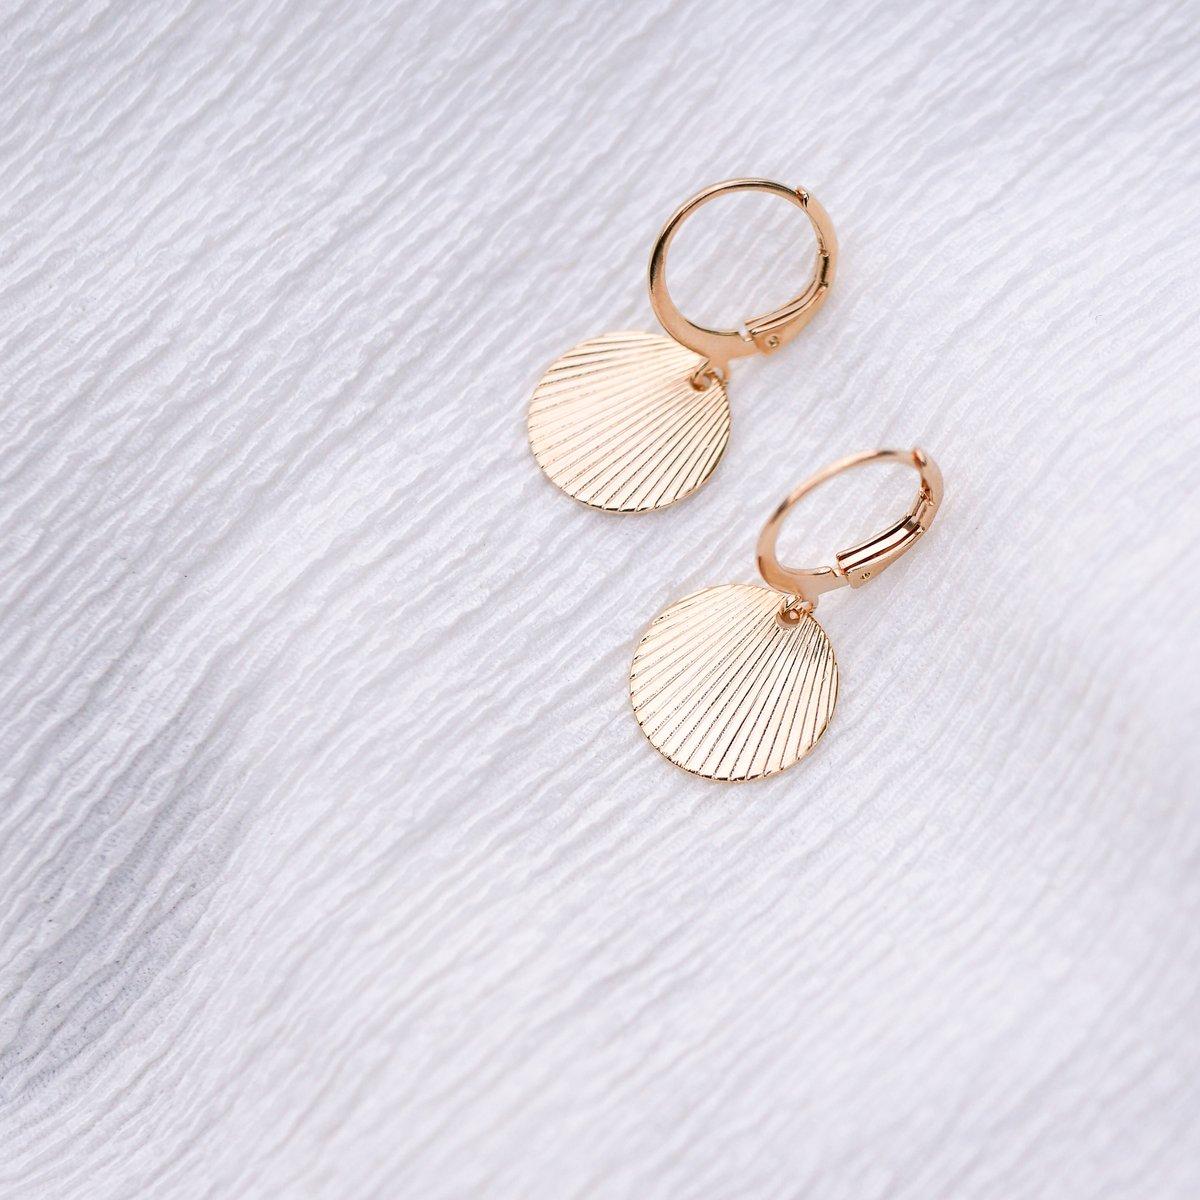 Image of Boucles d'Oreilles CALISTA Taille XS Dorées